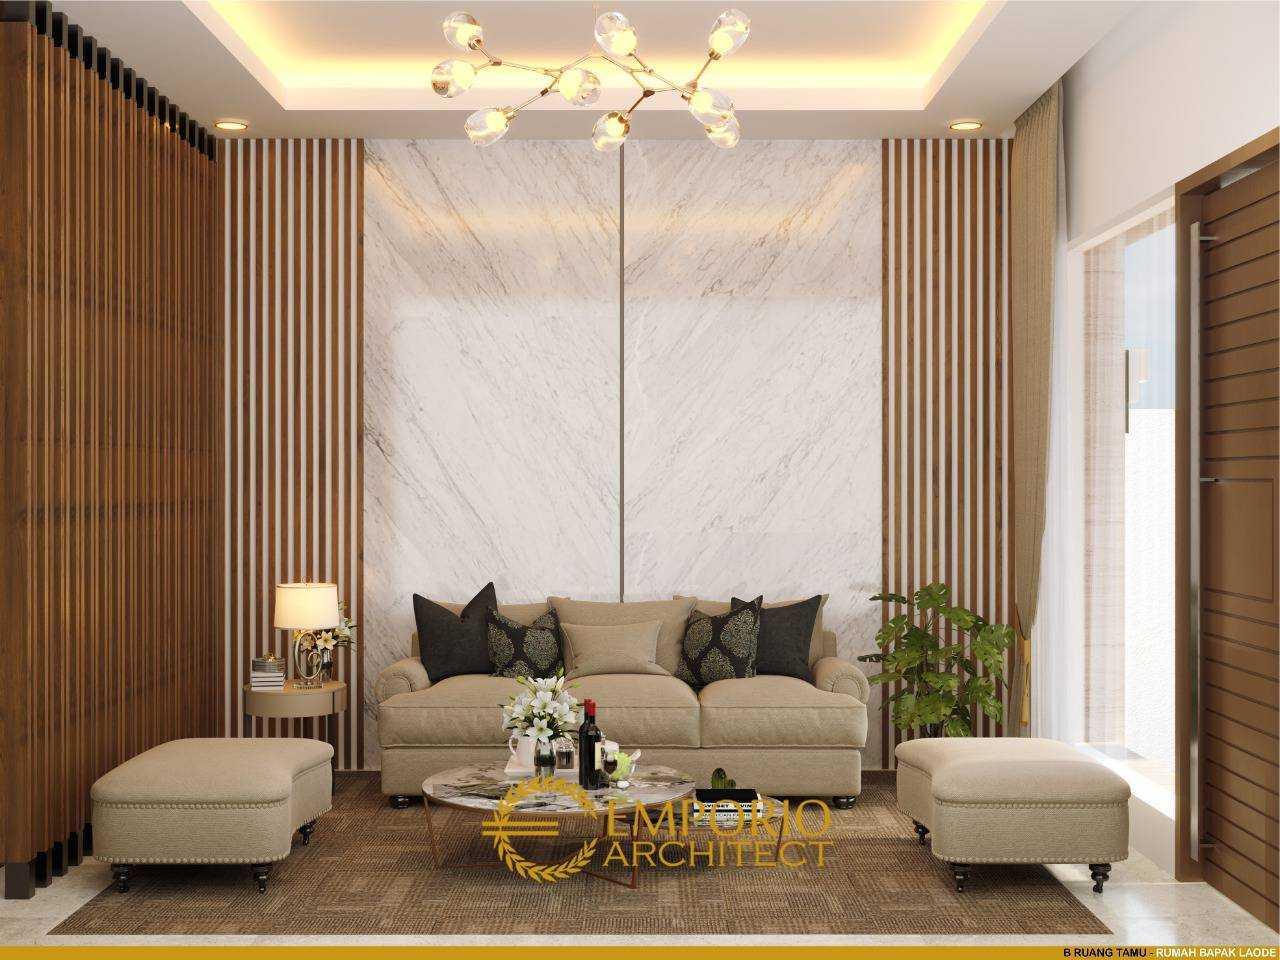 Emporio Architect Jasa Arsitek Balikpapan Desain Rumah Modern 3 Lantai Type B 796 @ Balikpapan, Kalimantan Timur Balikpapan, Kota Balikpapan, Kalimantan Timur, Indonesia Balikpapan, Kota Balikpapan, Kalimantan Timur, Indonesia Emporio-Architect-Jasa-Arsitek-Balikpapan-Desain-Rumah-Modern-3-Lantai-Type-B-796-Balikpapan-Kalimantan-Timur  90630